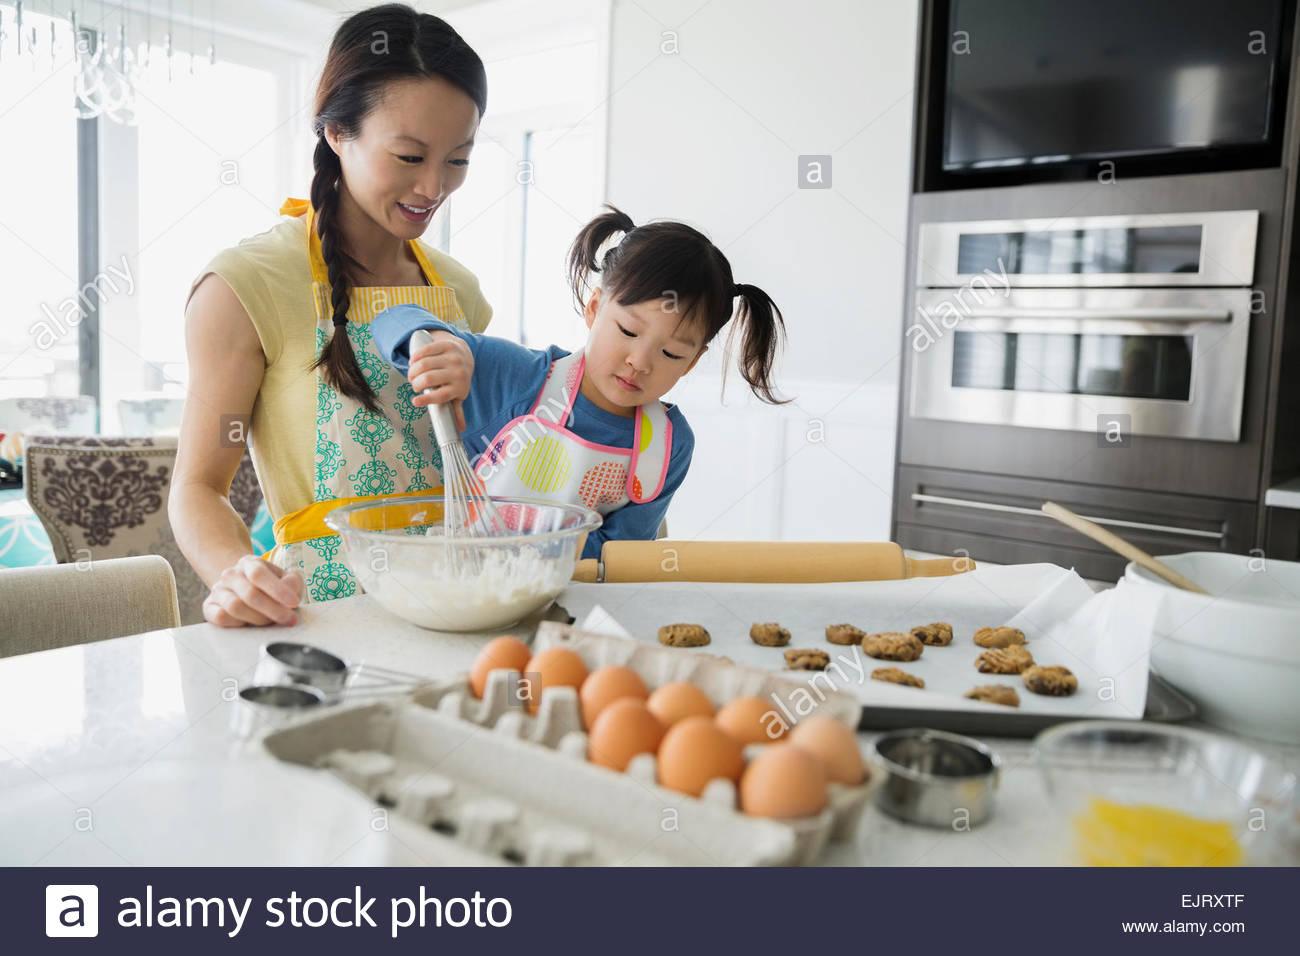 Madre e hija hornear galletas en la cocina Imagen De Stock